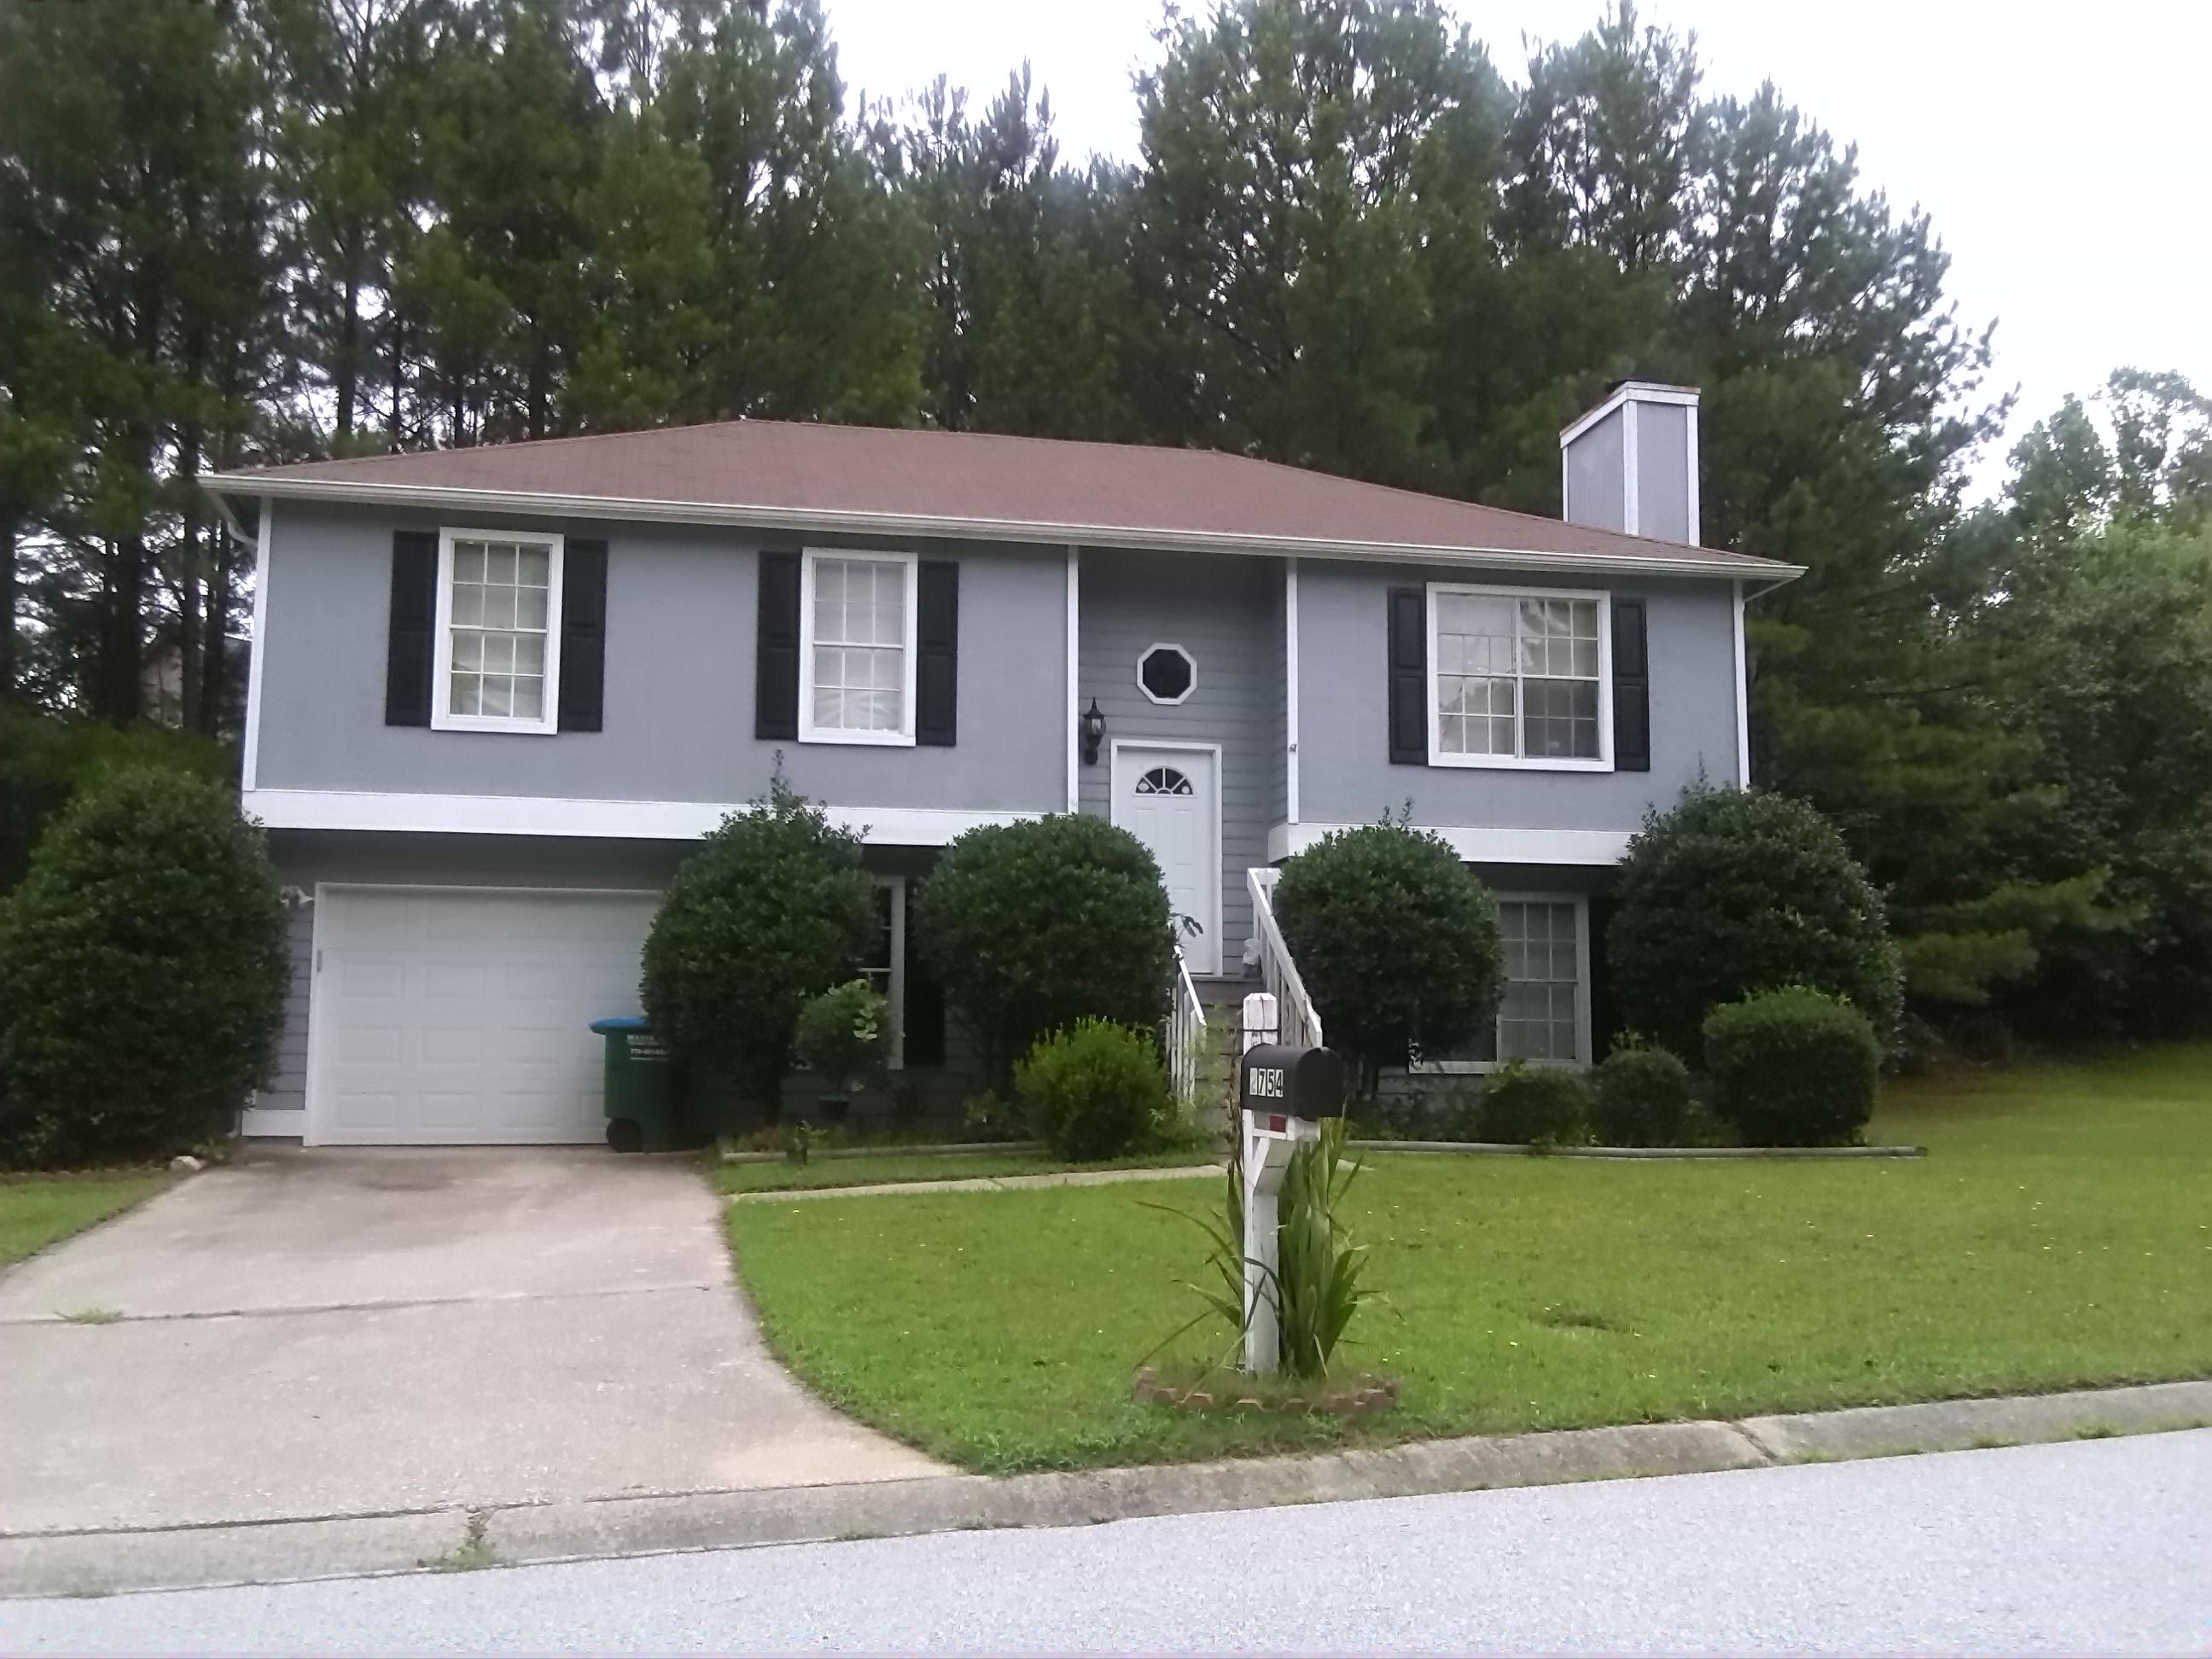 6062 Mountain Ridge Cir, Sugar Hill, GA